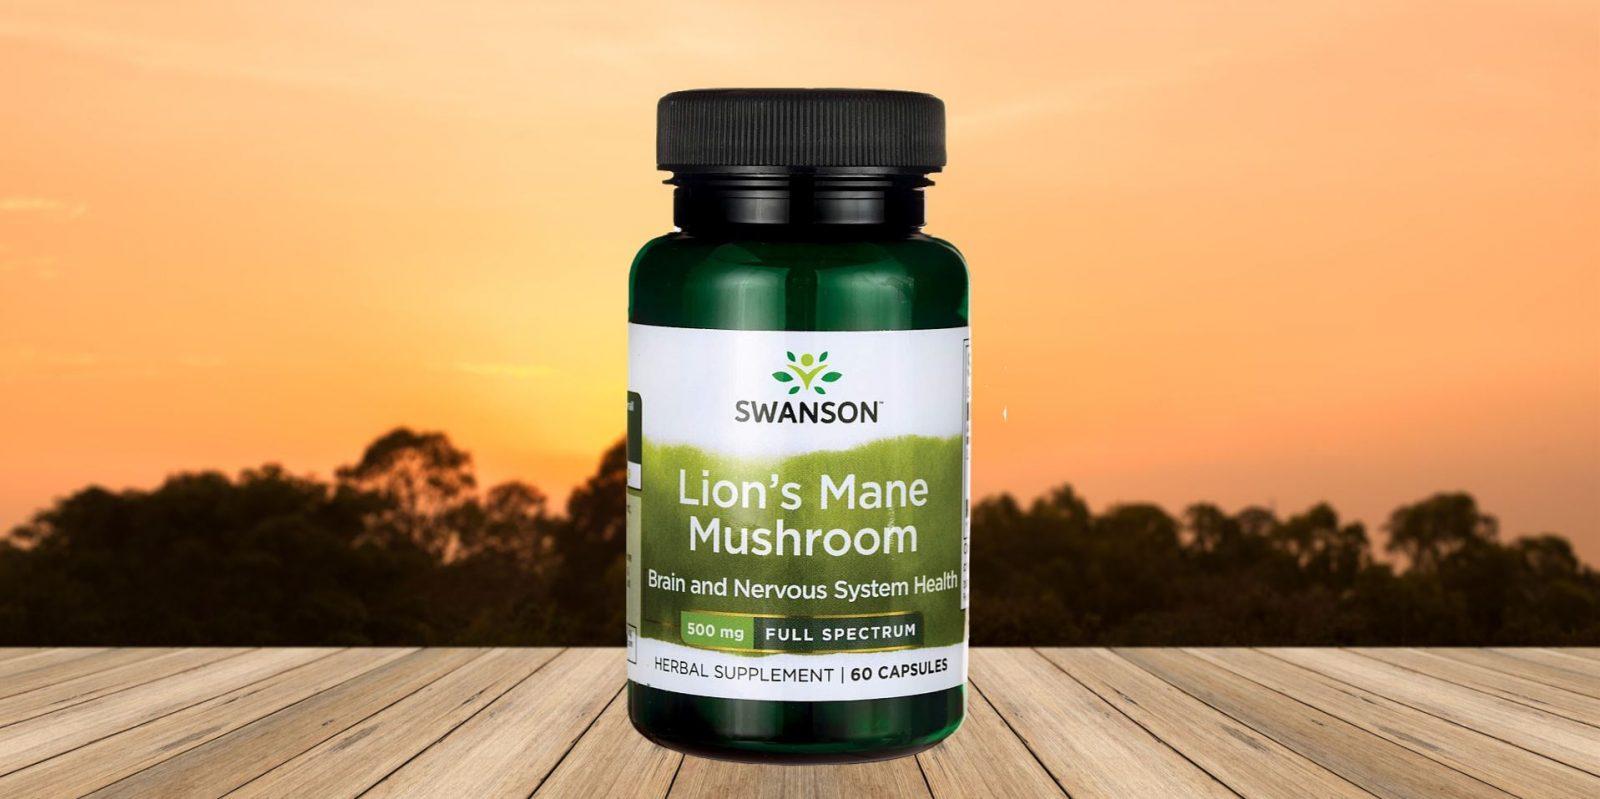 Swanson Lion's Mane Mushroom